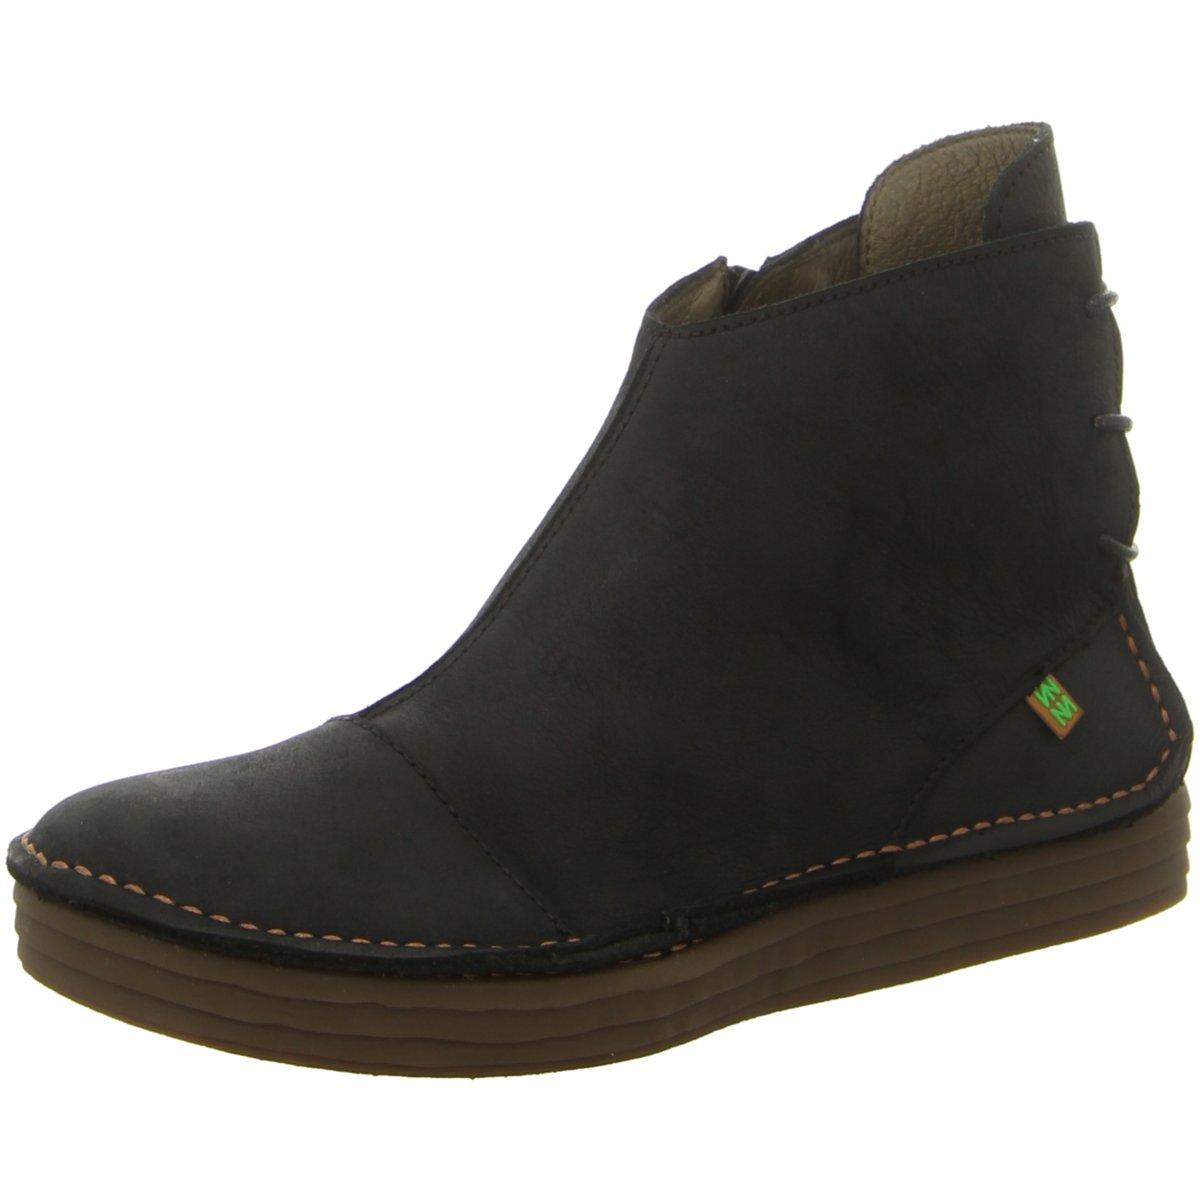 NEU El Naturalista Damen Stiefeletten NF82 BLACK schwarz 318756